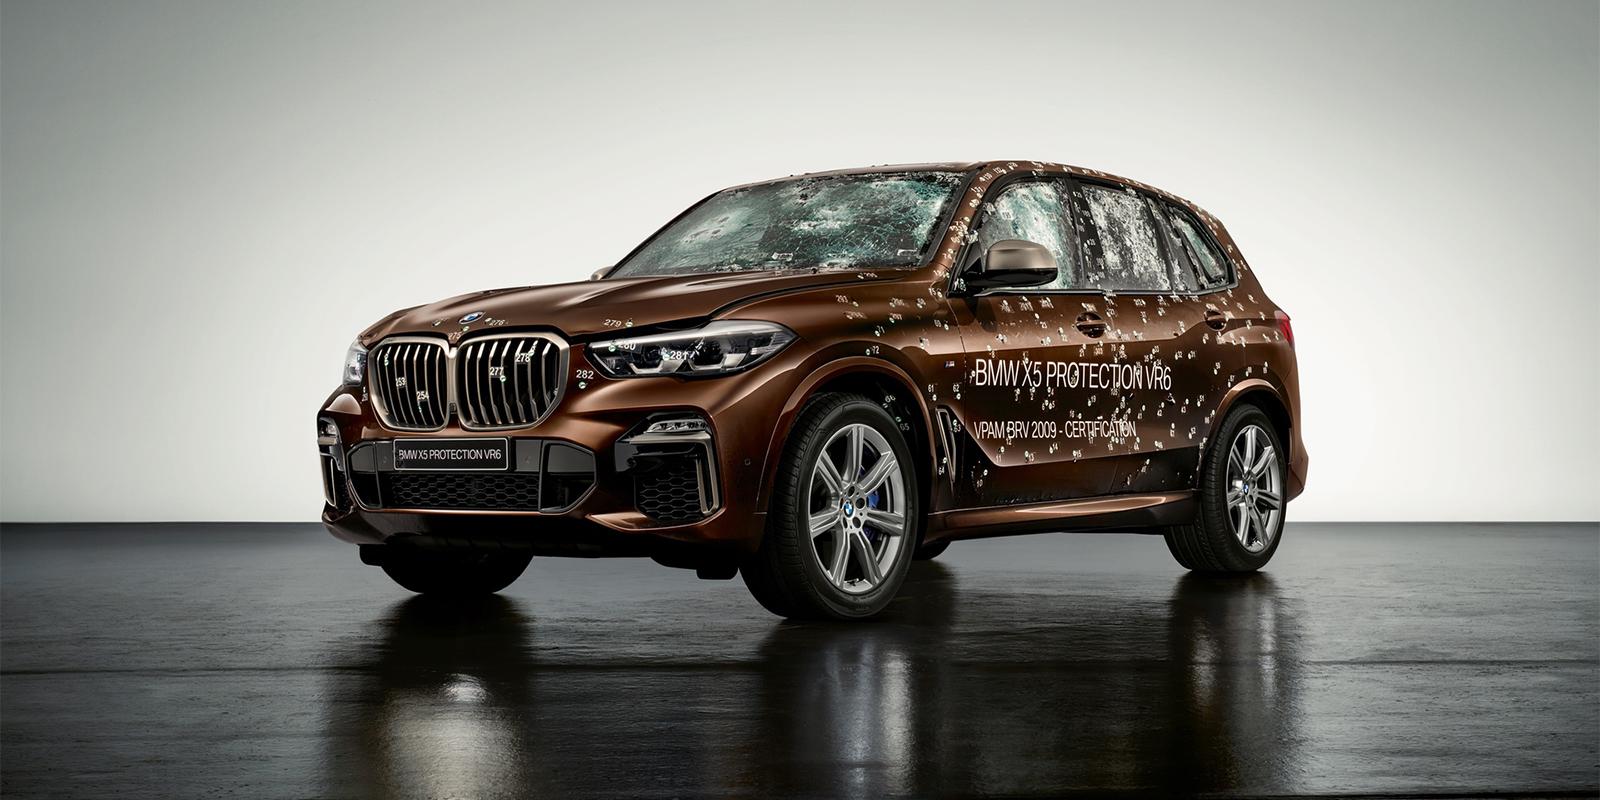 BMW X5 Protection VR6 - SUV bọc thép hạng sang - 04